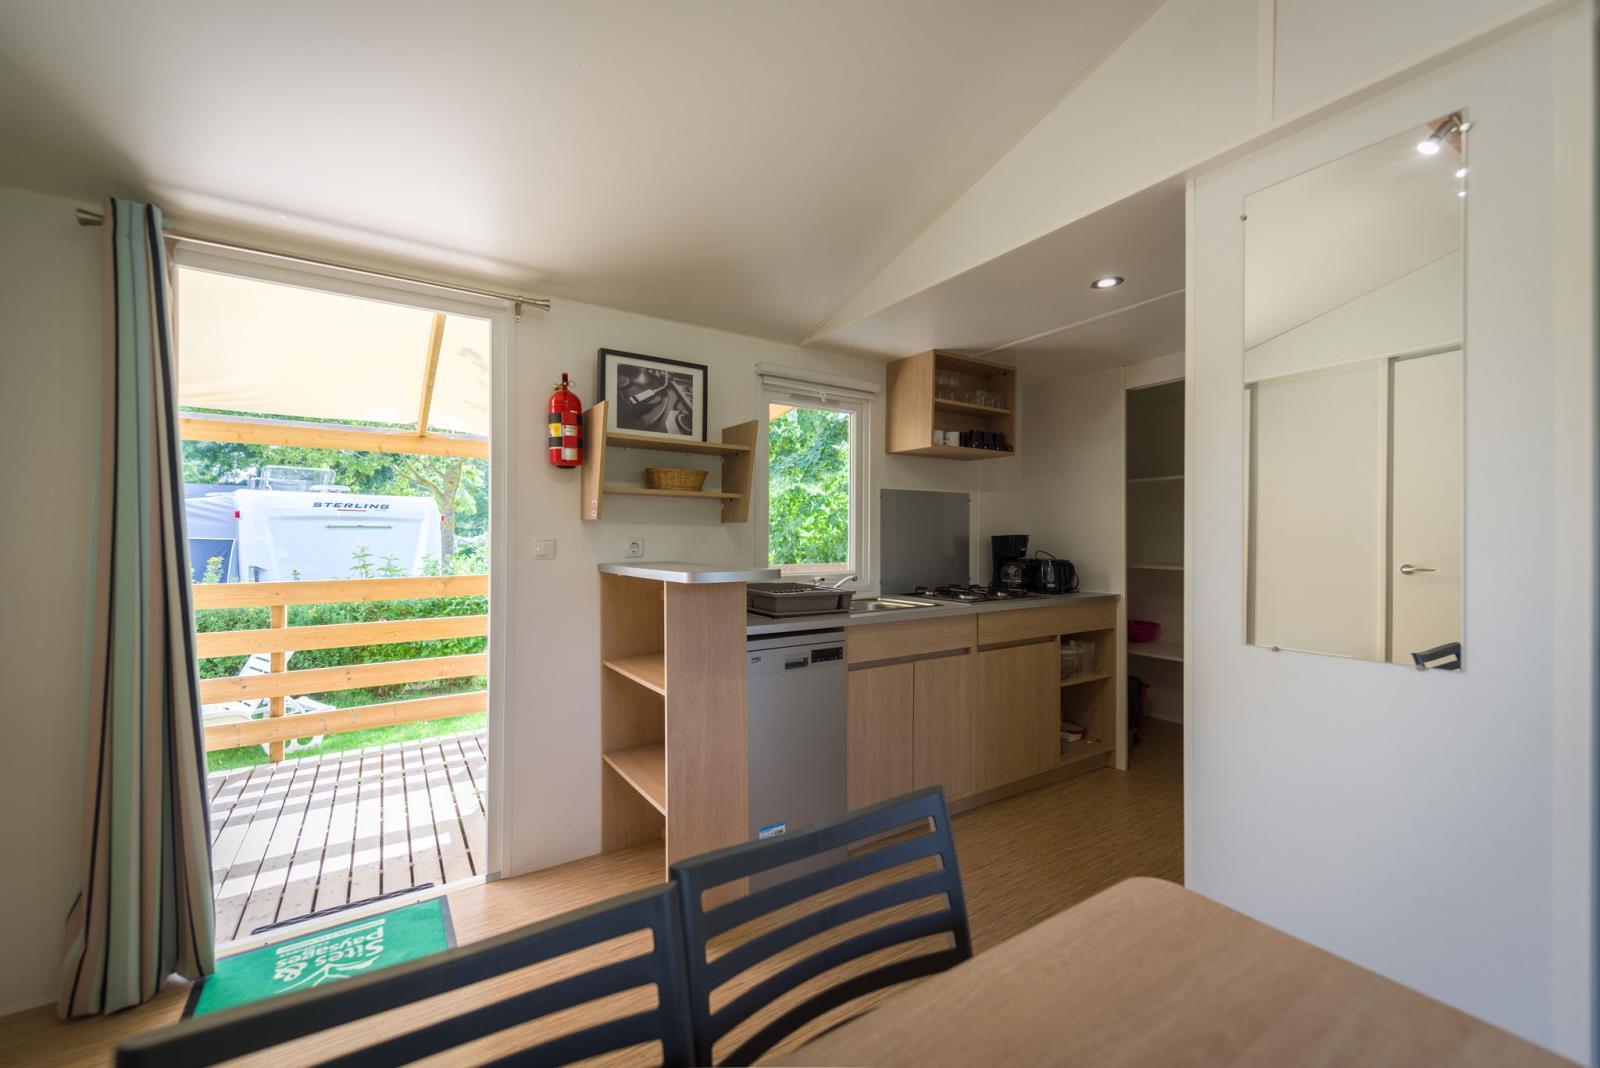 Location - Cottage Premium 27M² (2 Chambres) - Tv - Lave-Vaisselle - Camping Sites et Paysages Domaine de L'Étang